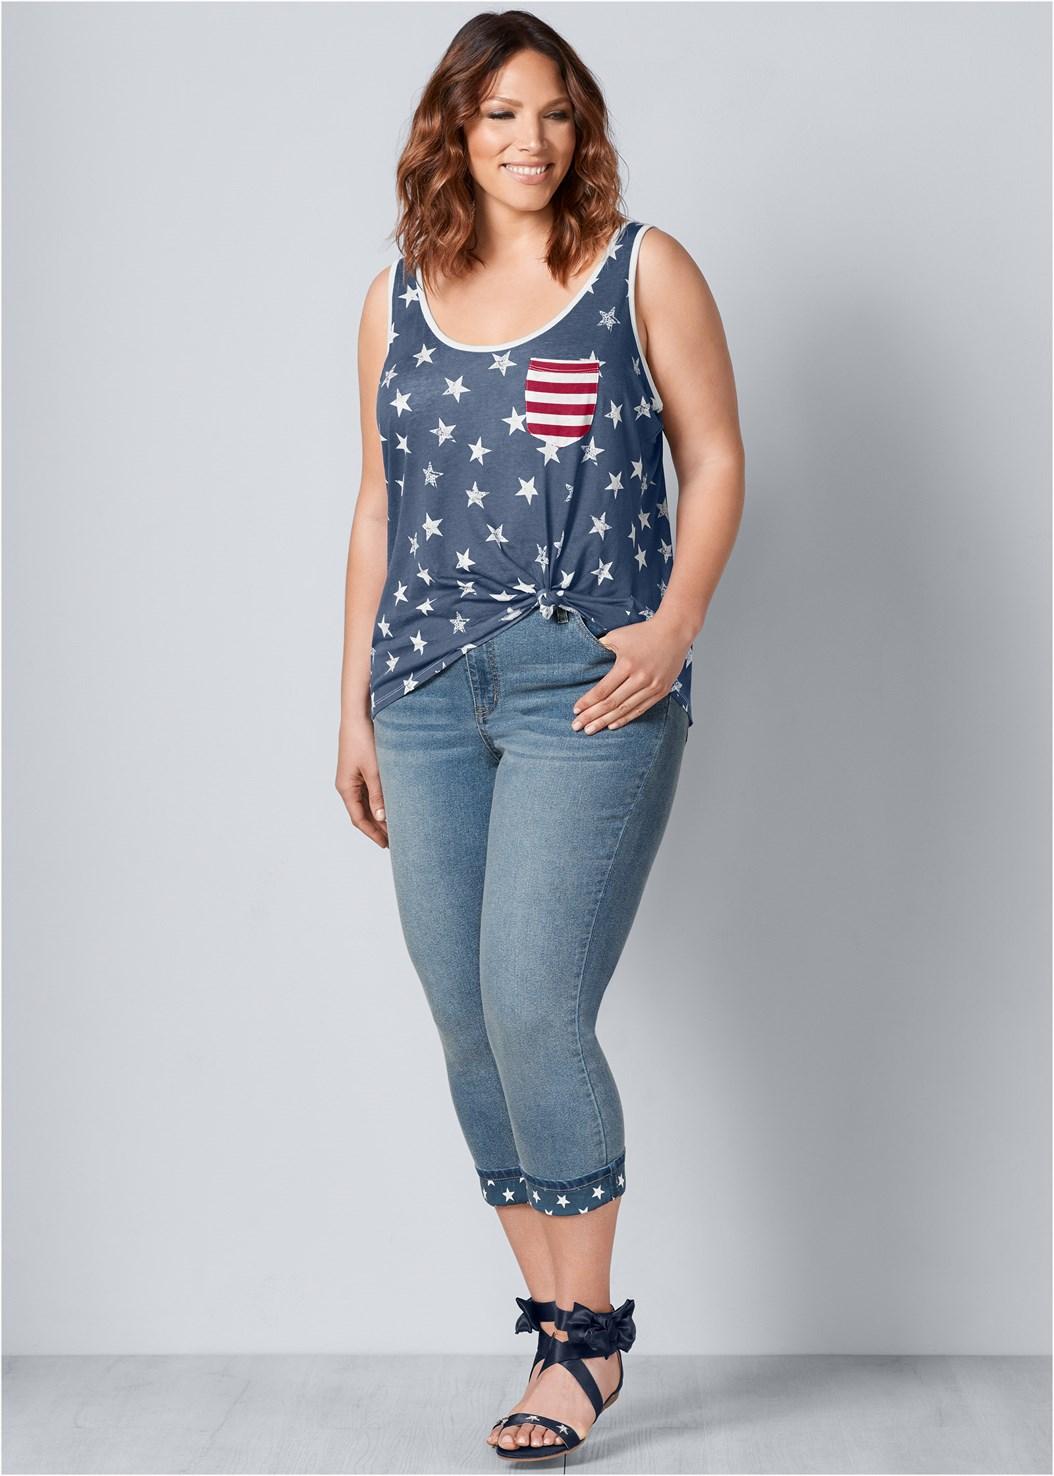 Star Cuff Capri Jeans,Stars And Stripes Knit Top